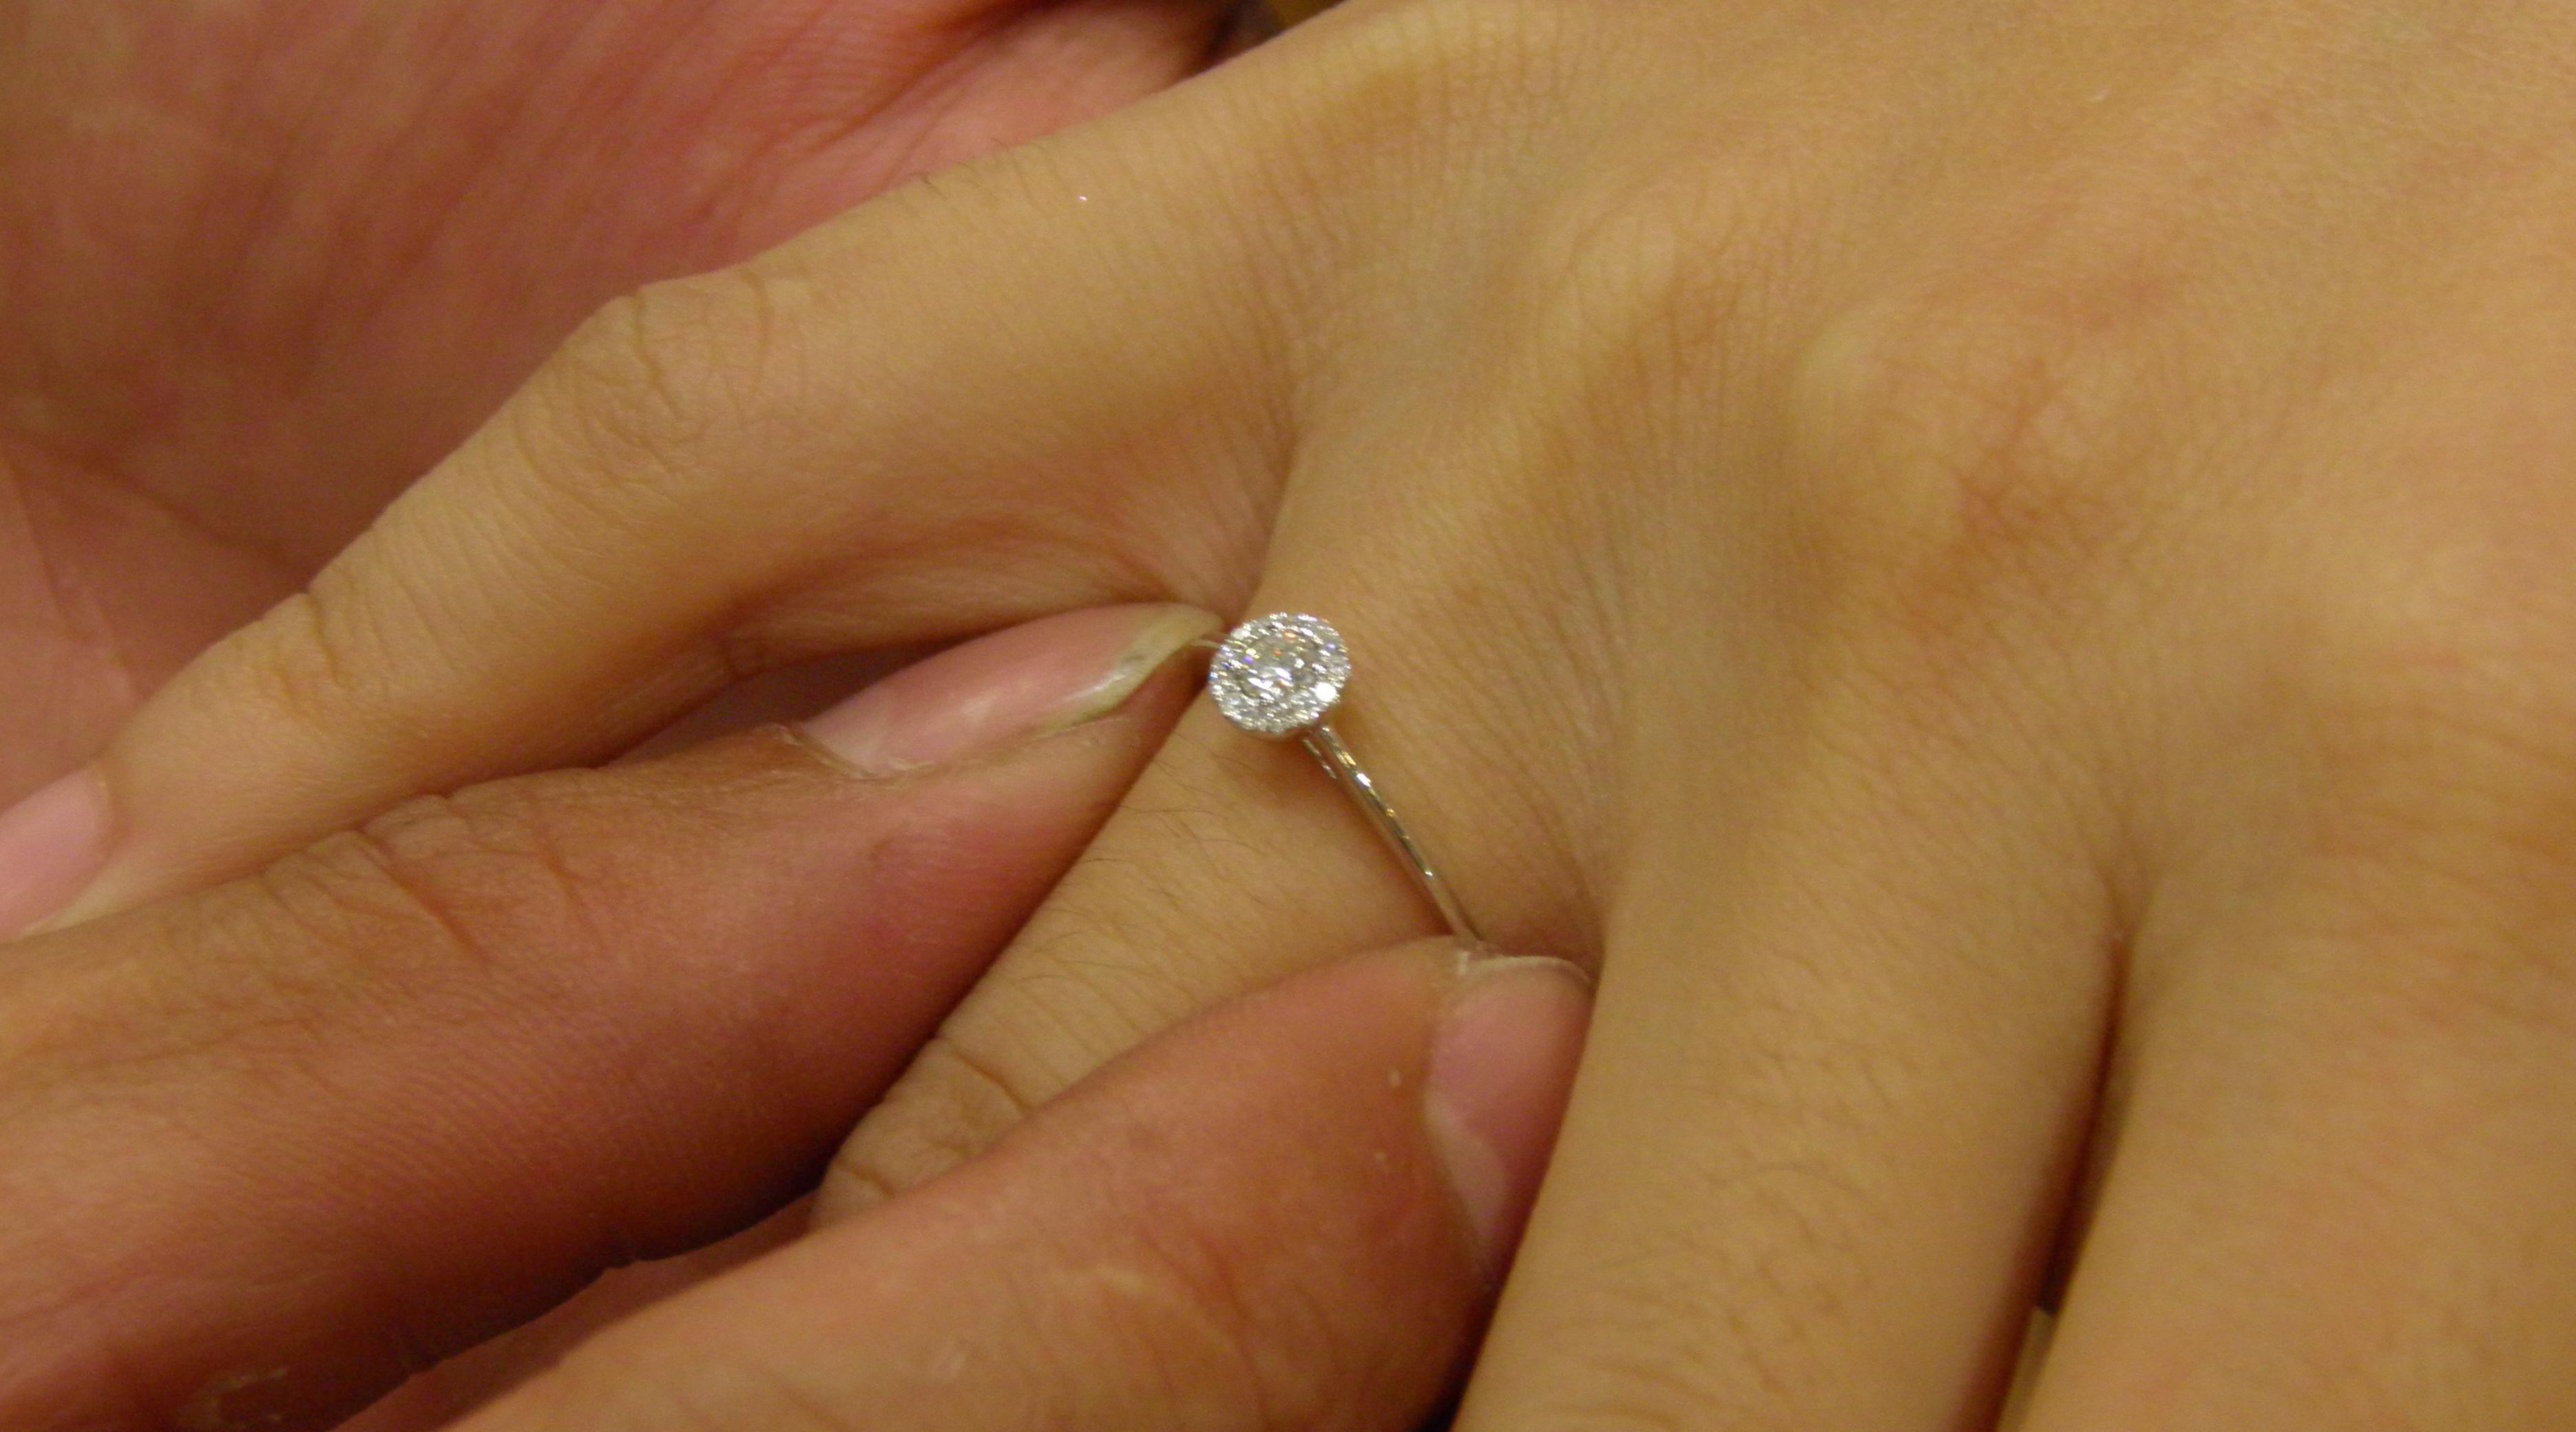 浪漫求婚 精時代CHINSTYLE 婚禮秘書來協助您 - 金時代珠寶銀樓